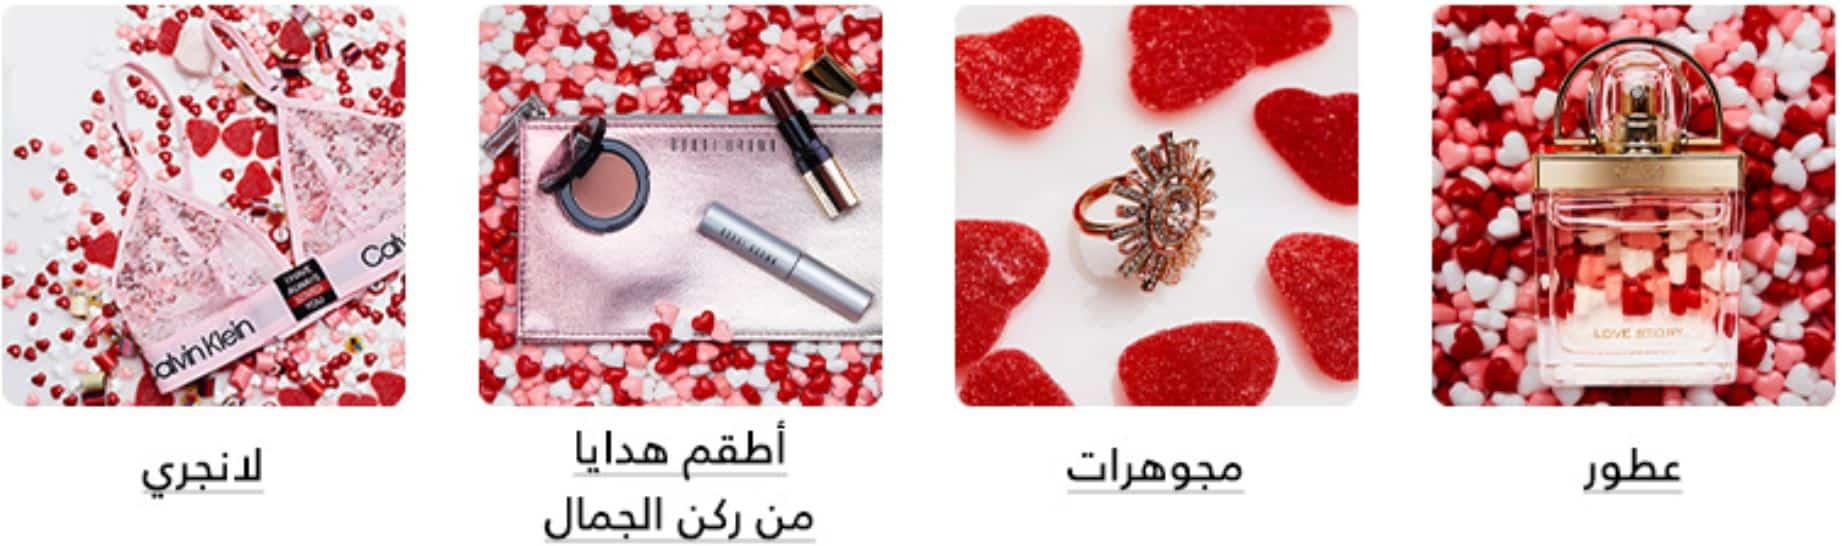 عروض عيد الحب من نمشي السعوديه نساء